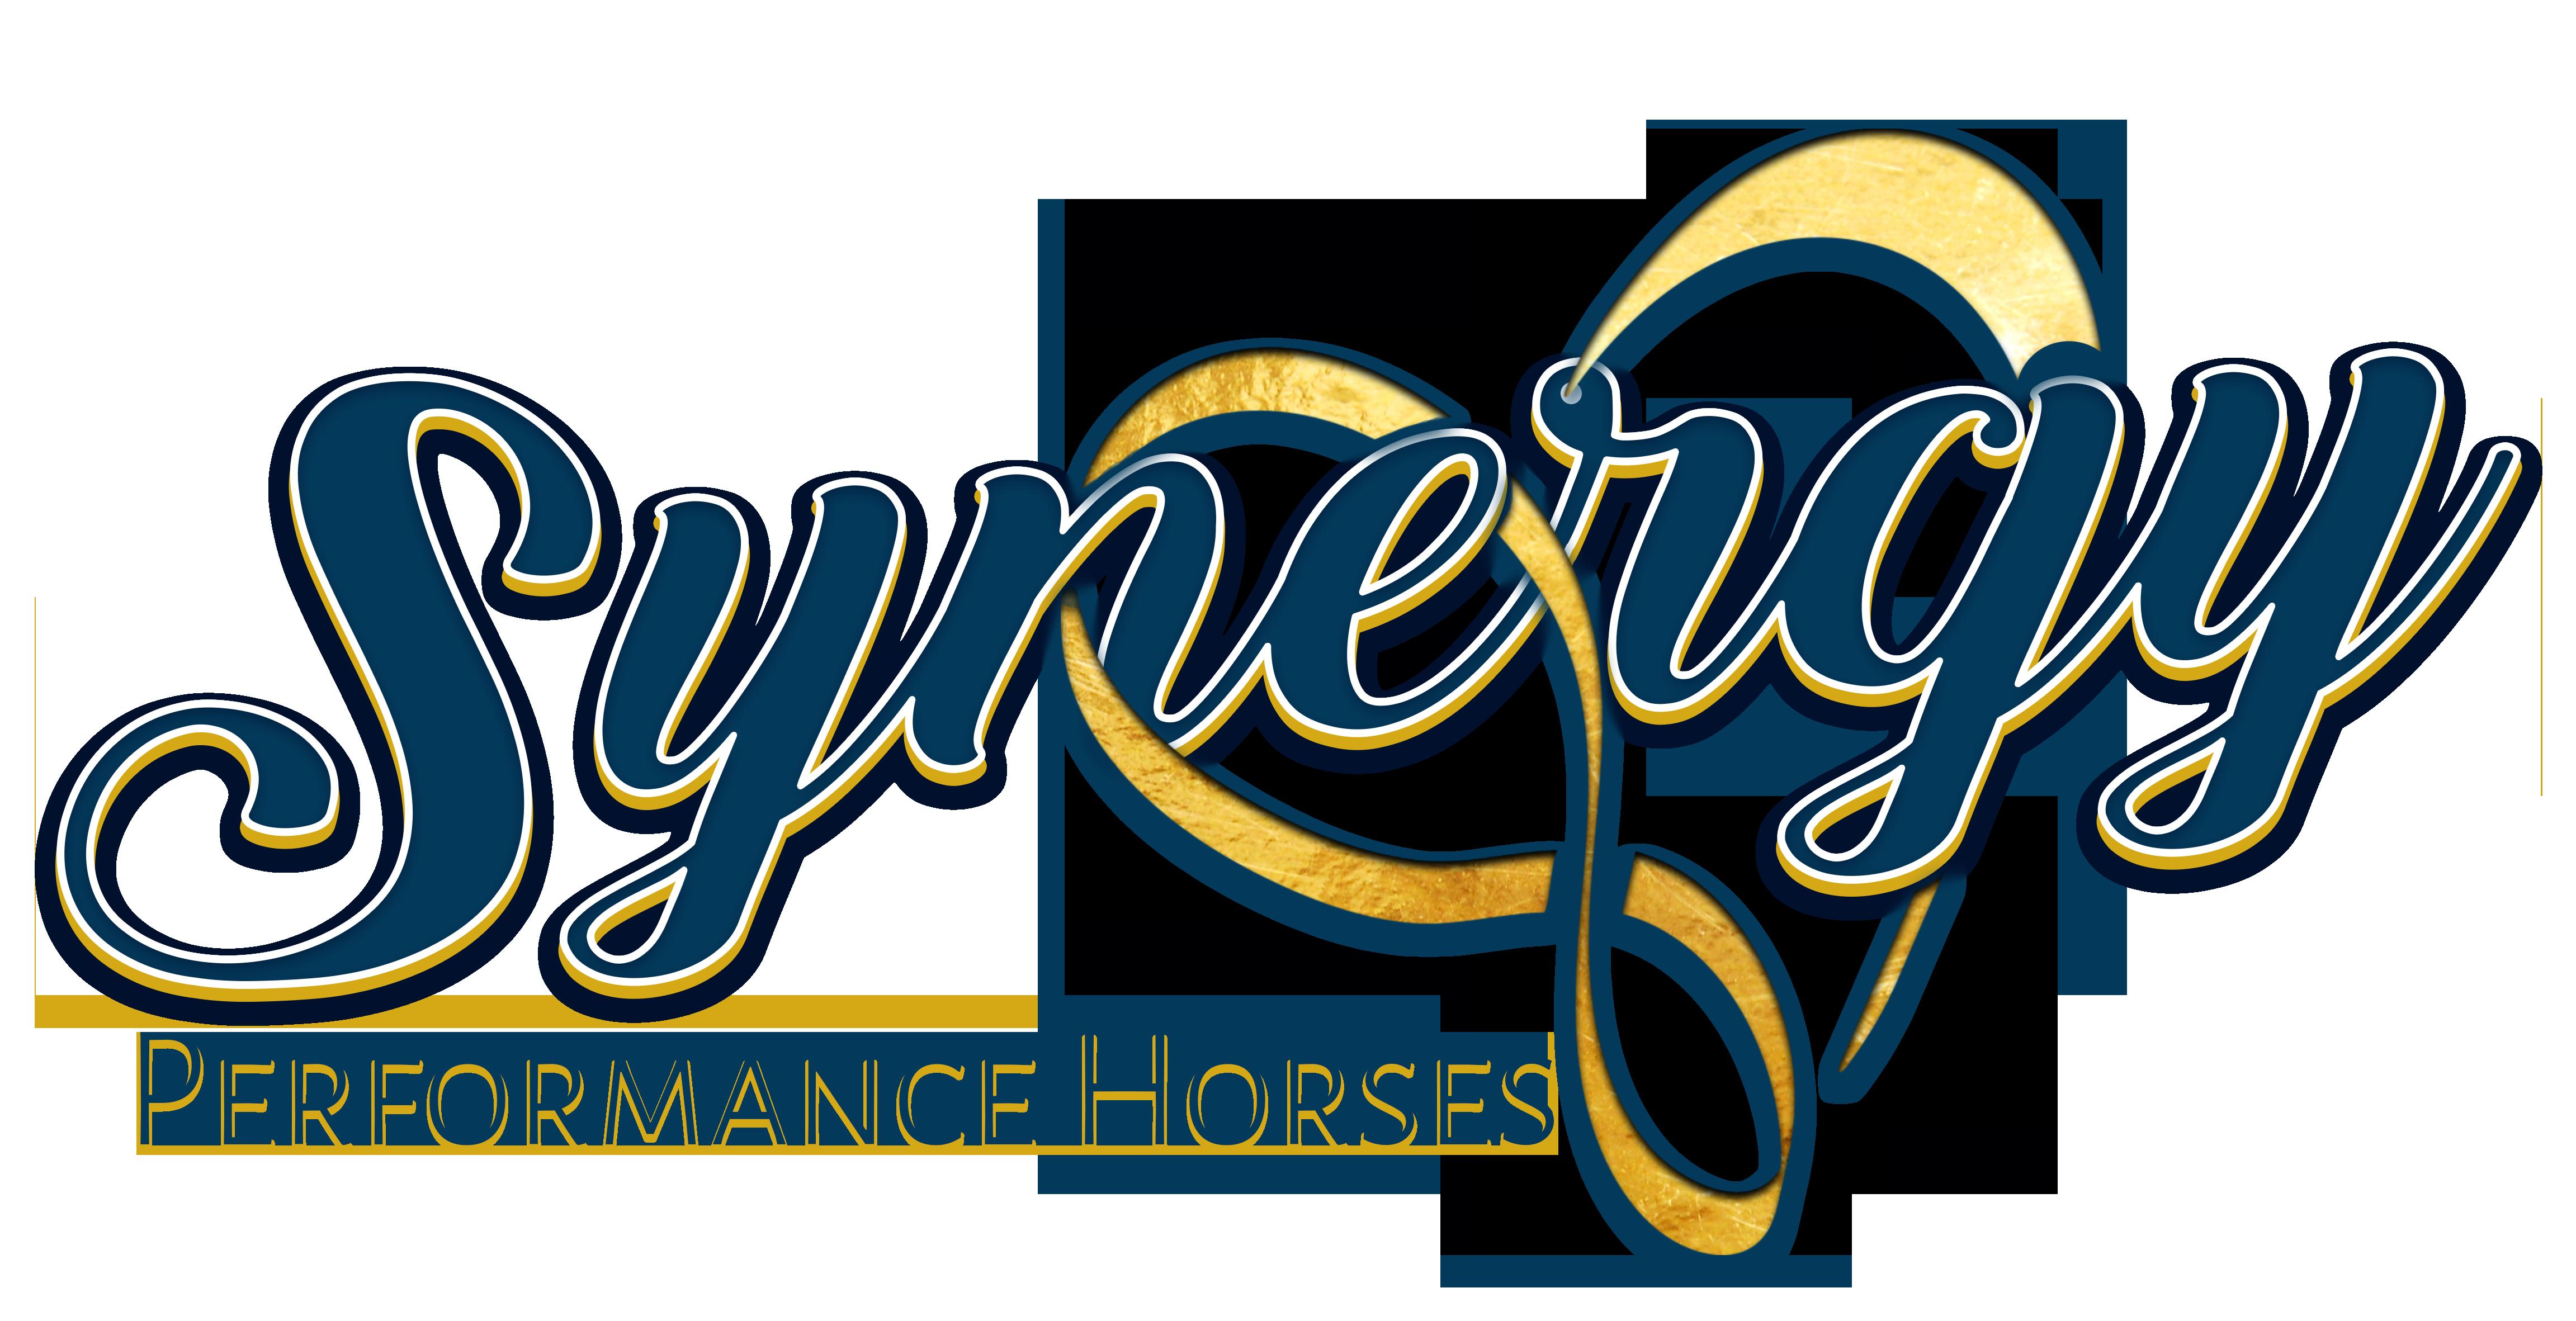 SynergyFinal